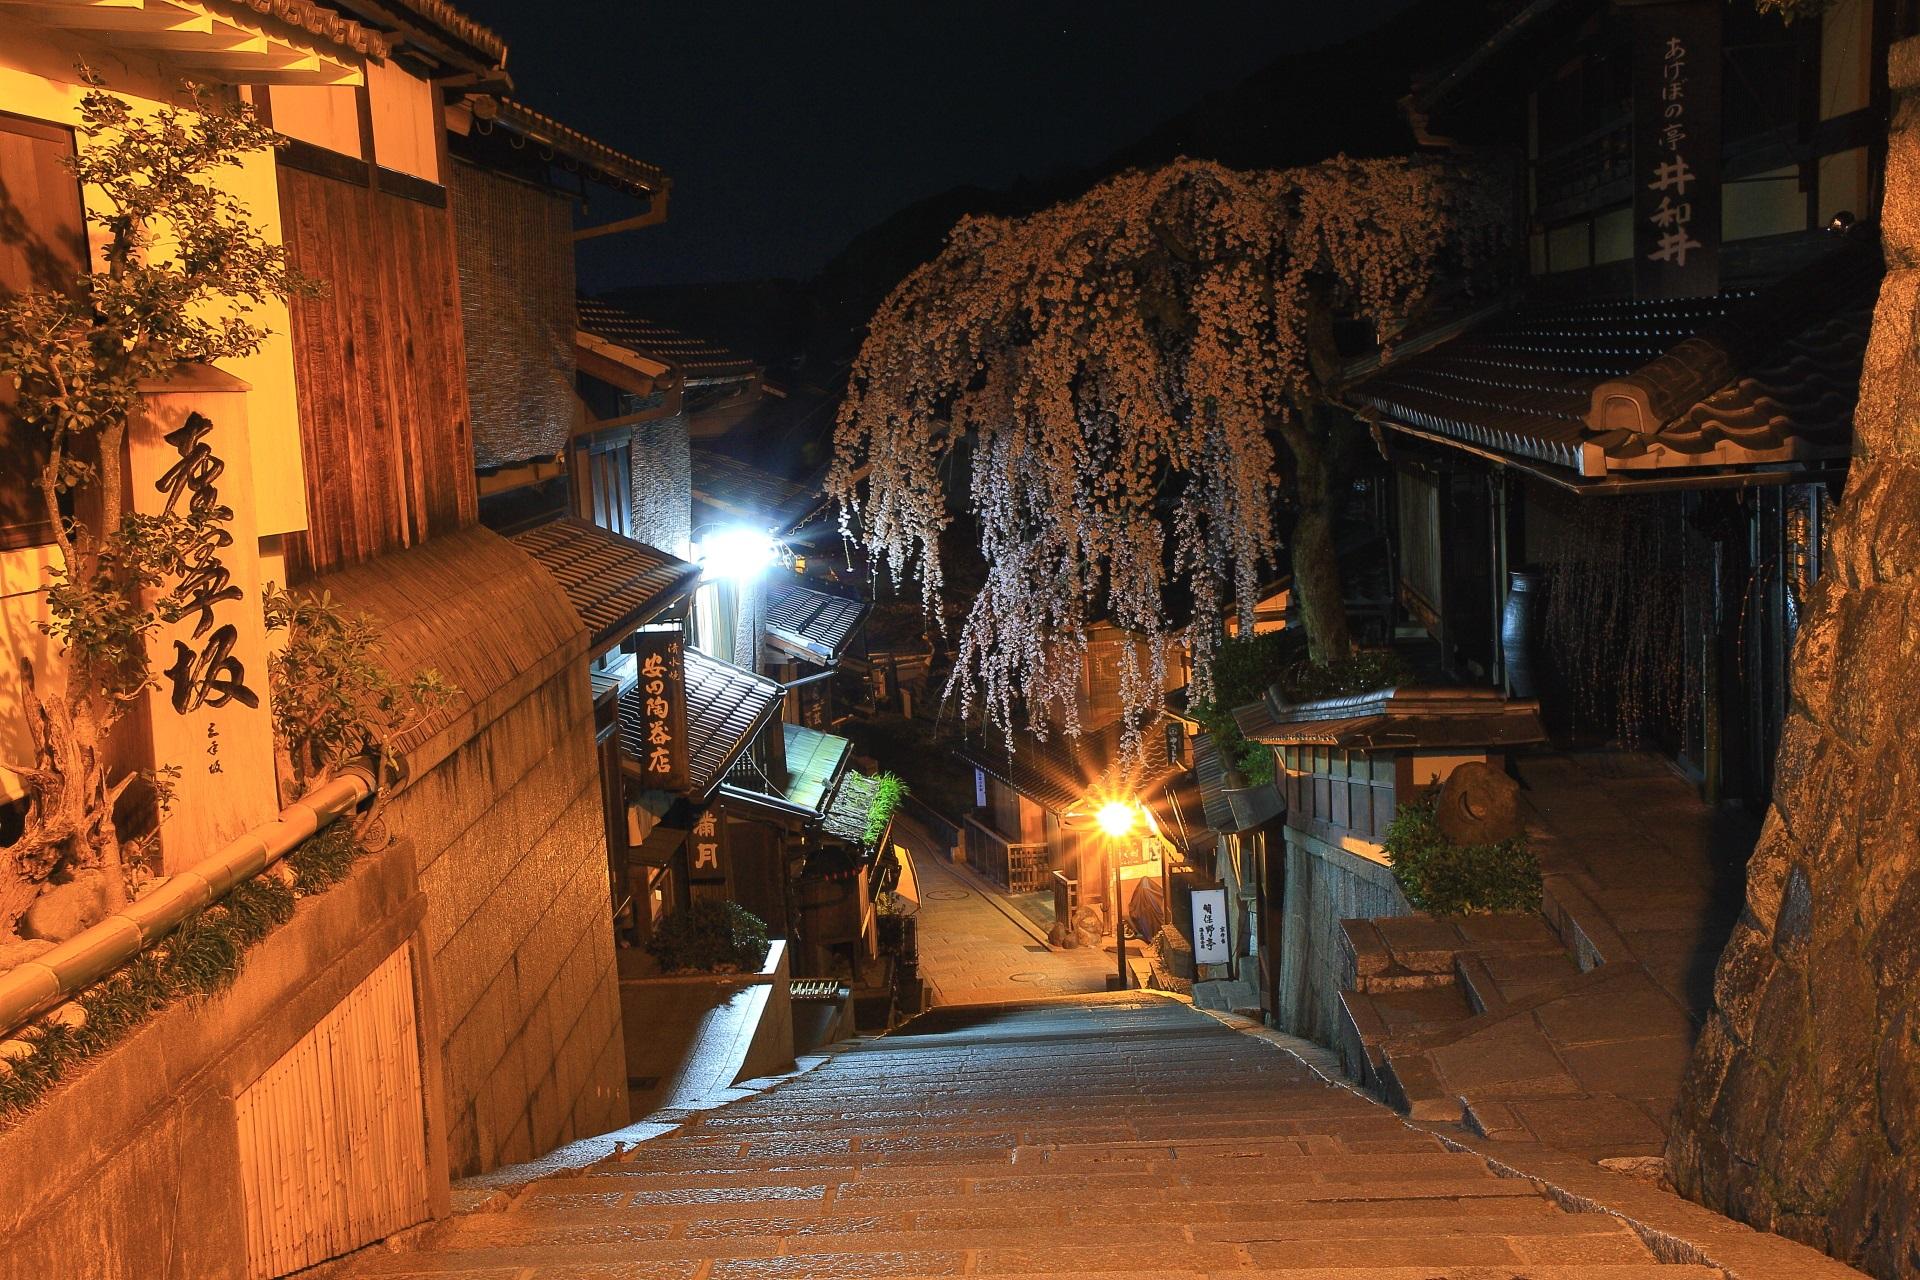 産寧坂の上から眺めた非常に絵になる春の夜桜の風景